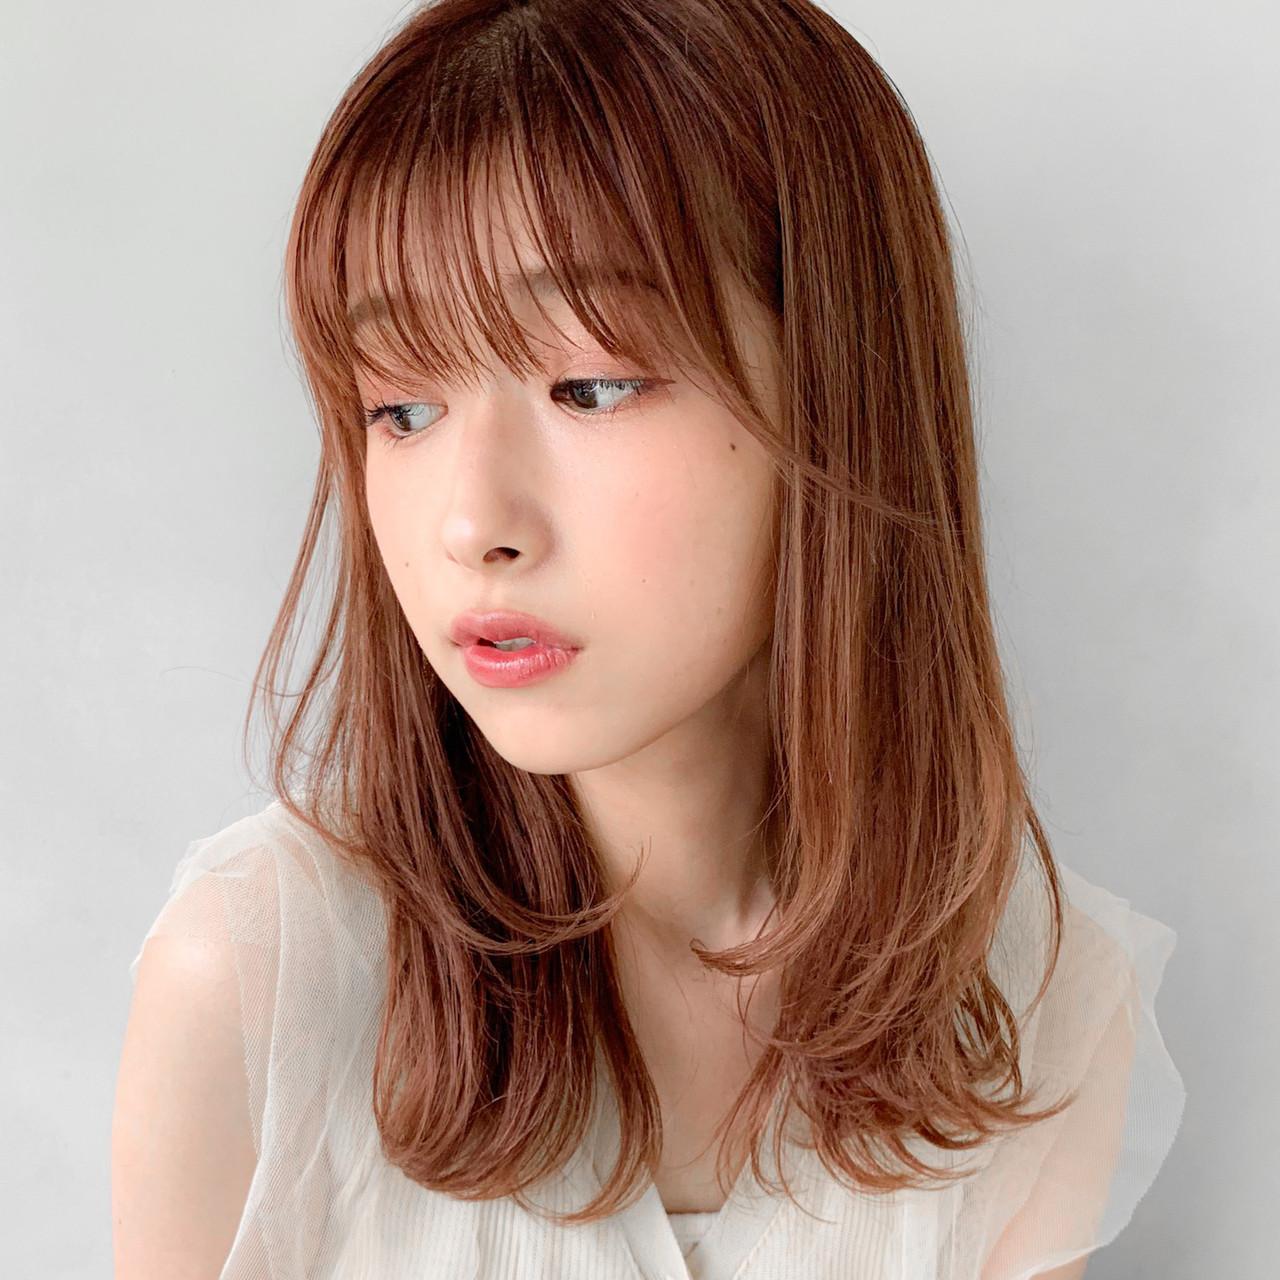 ゆるふわパーマ 外国人風カラー インナーカラー インナーカラーシルバーヘアスタイルや髪型の写真・画像